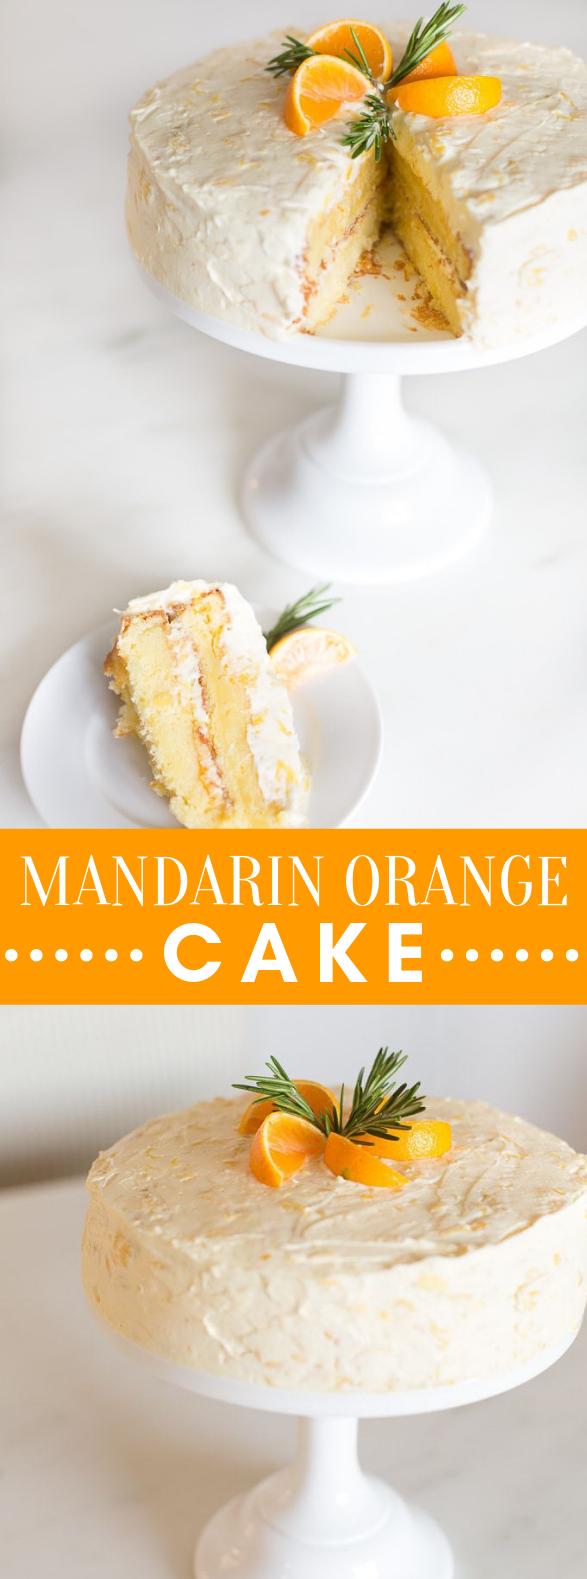 MANDARIN ORANGE CAKE #desserts #baking